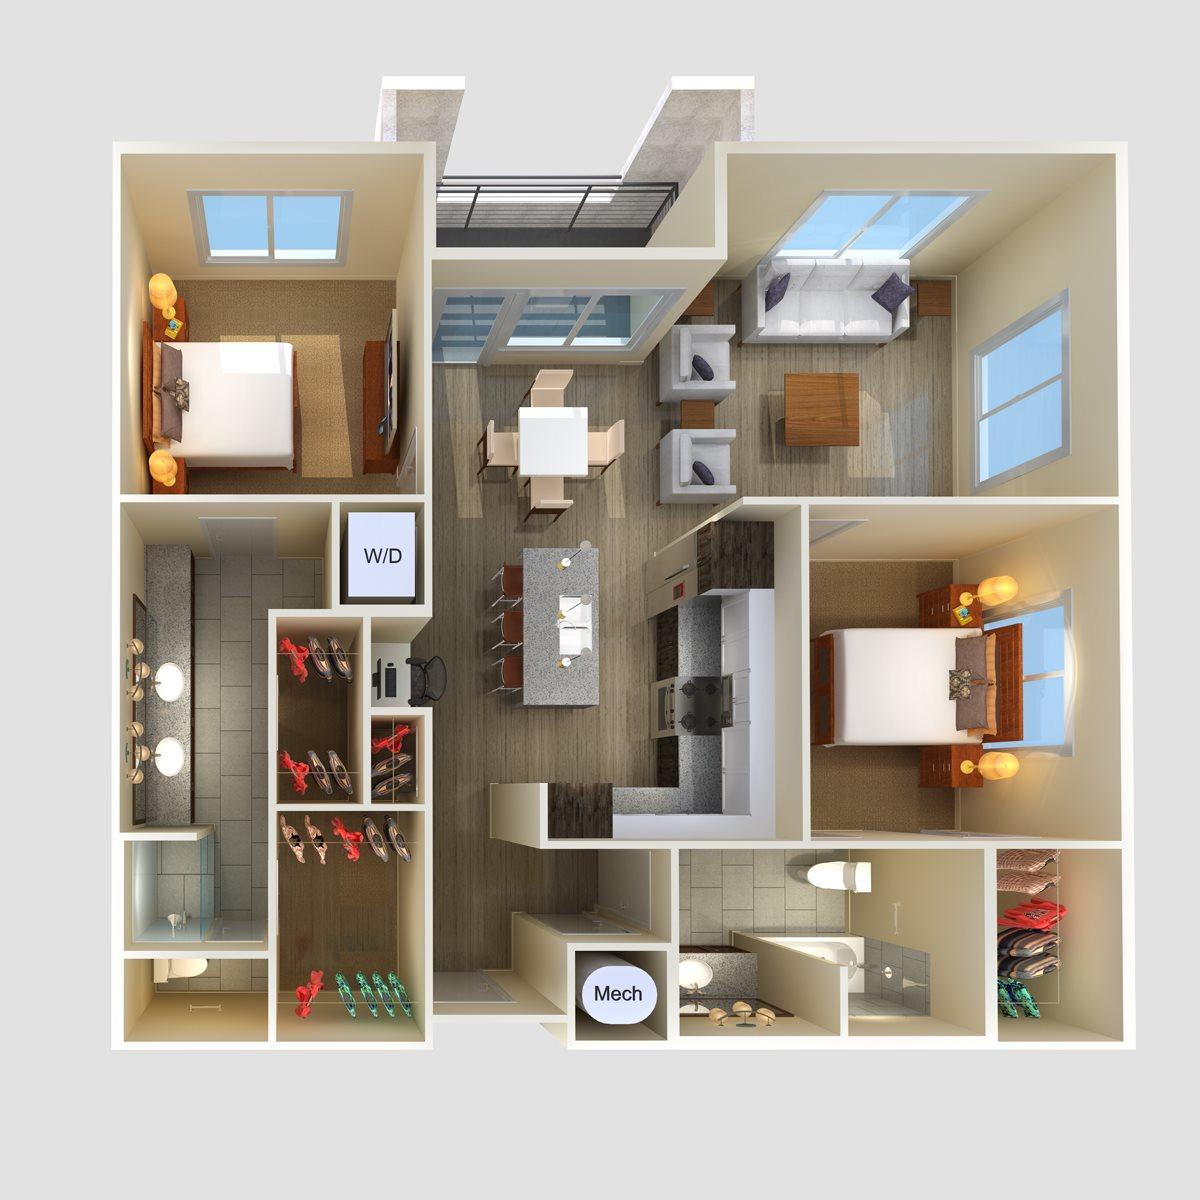 2Br 2Ba Floor Plan 3